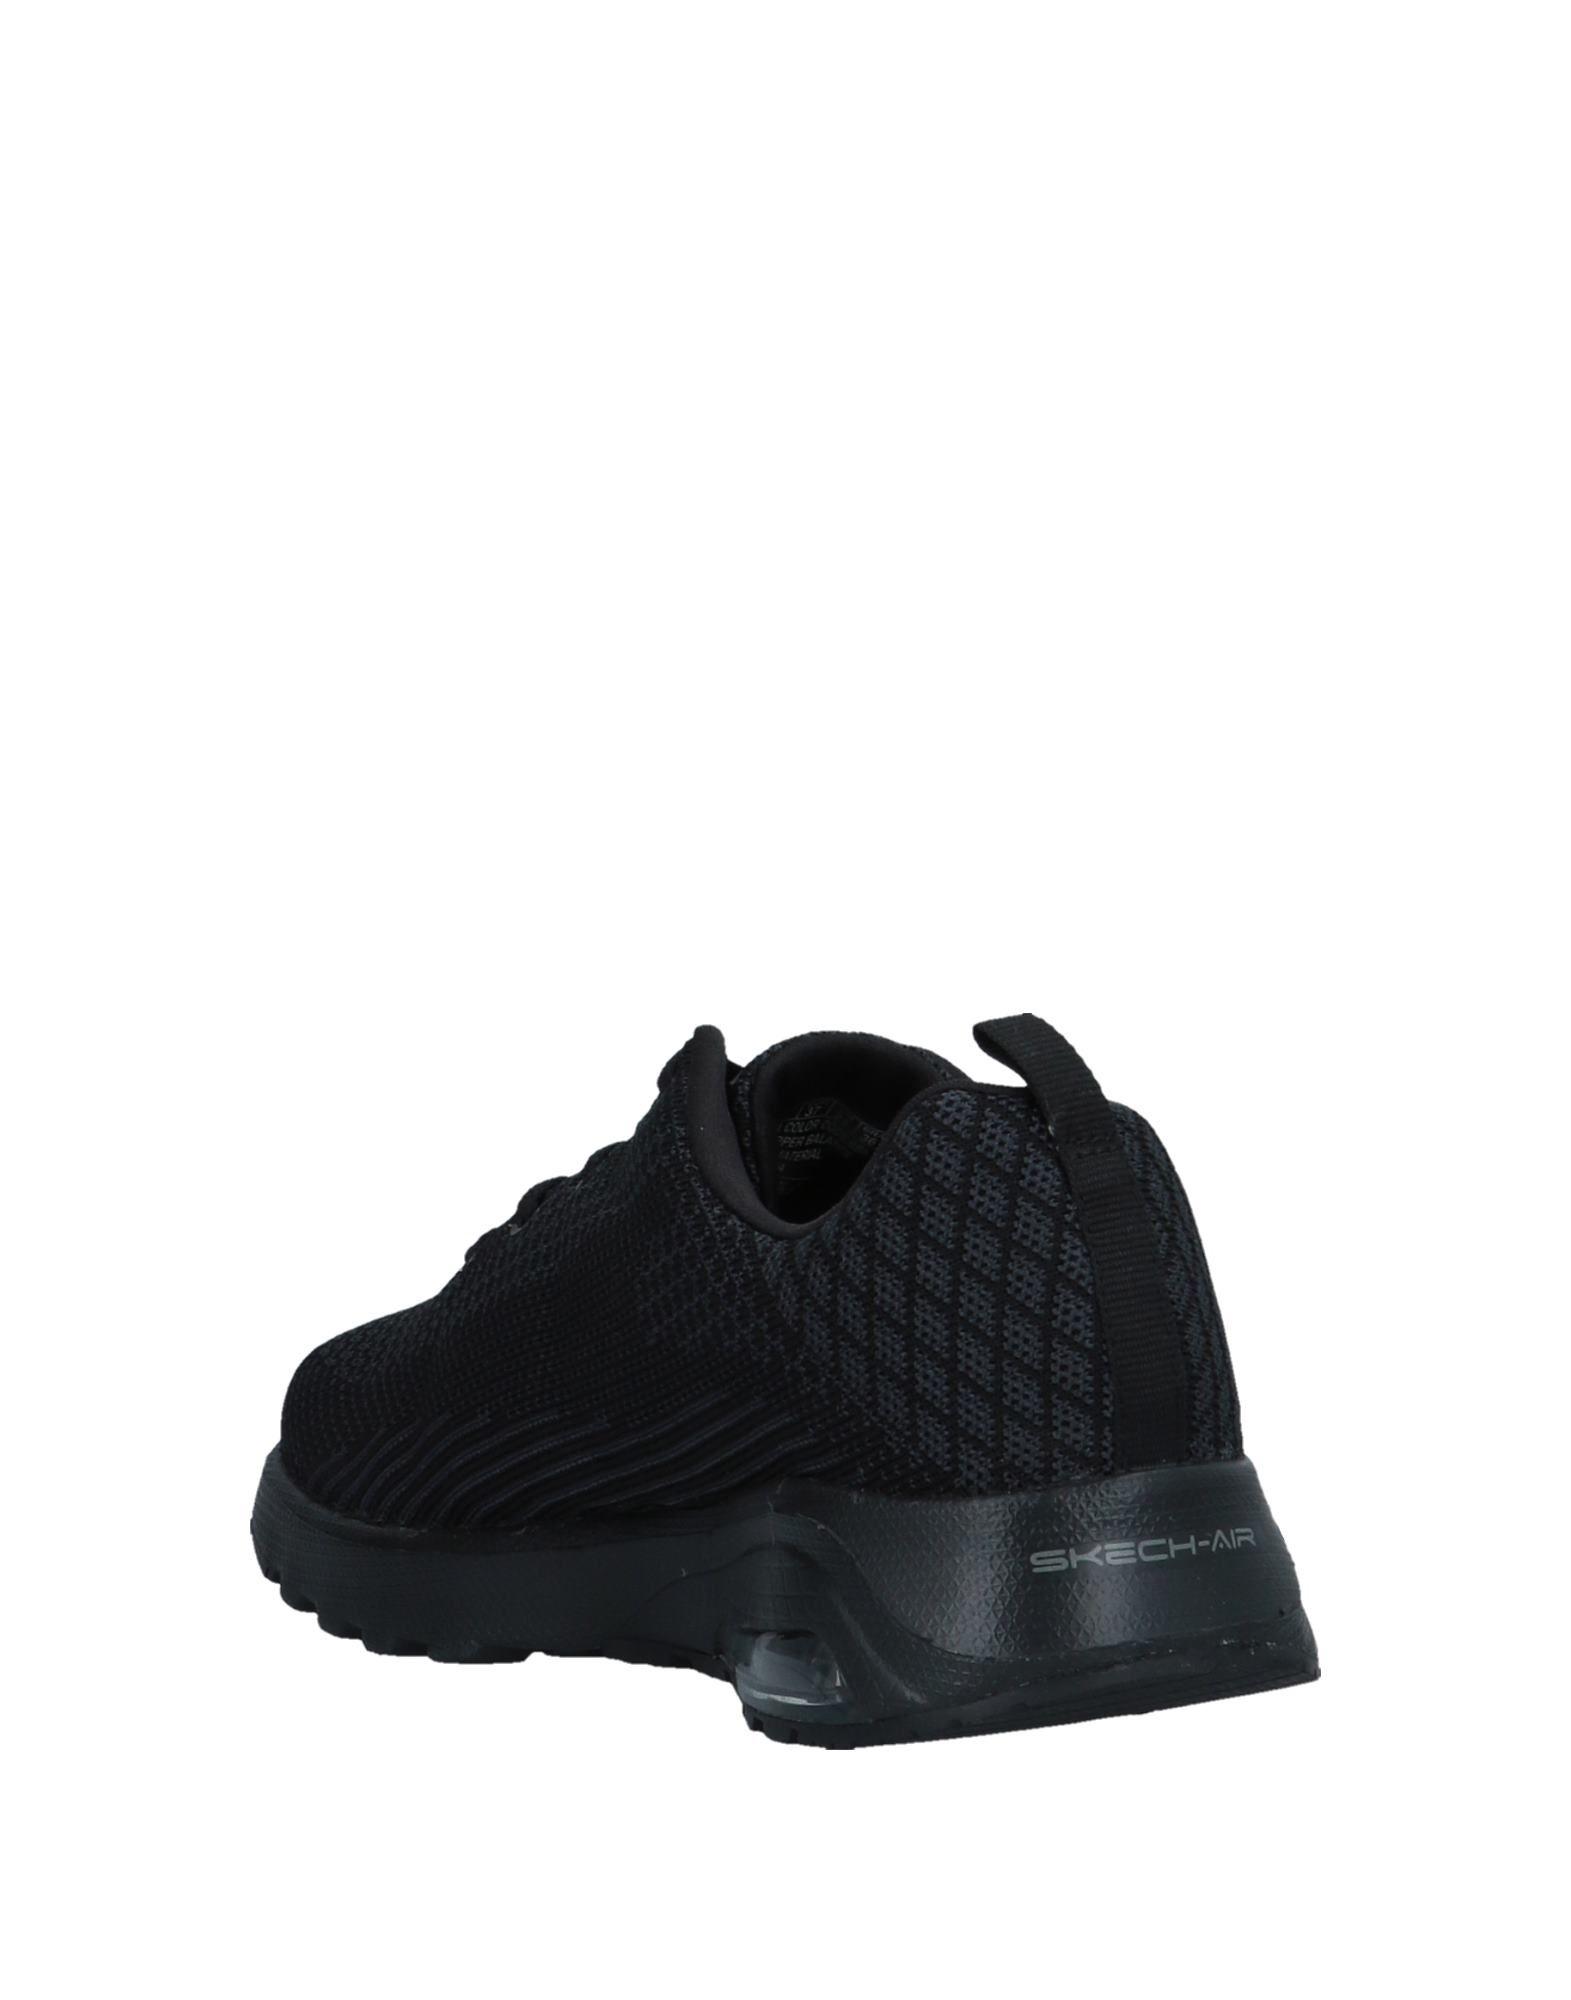 Skechers Sneakers Sneakers Skechers Damen  11528982KB 409f00